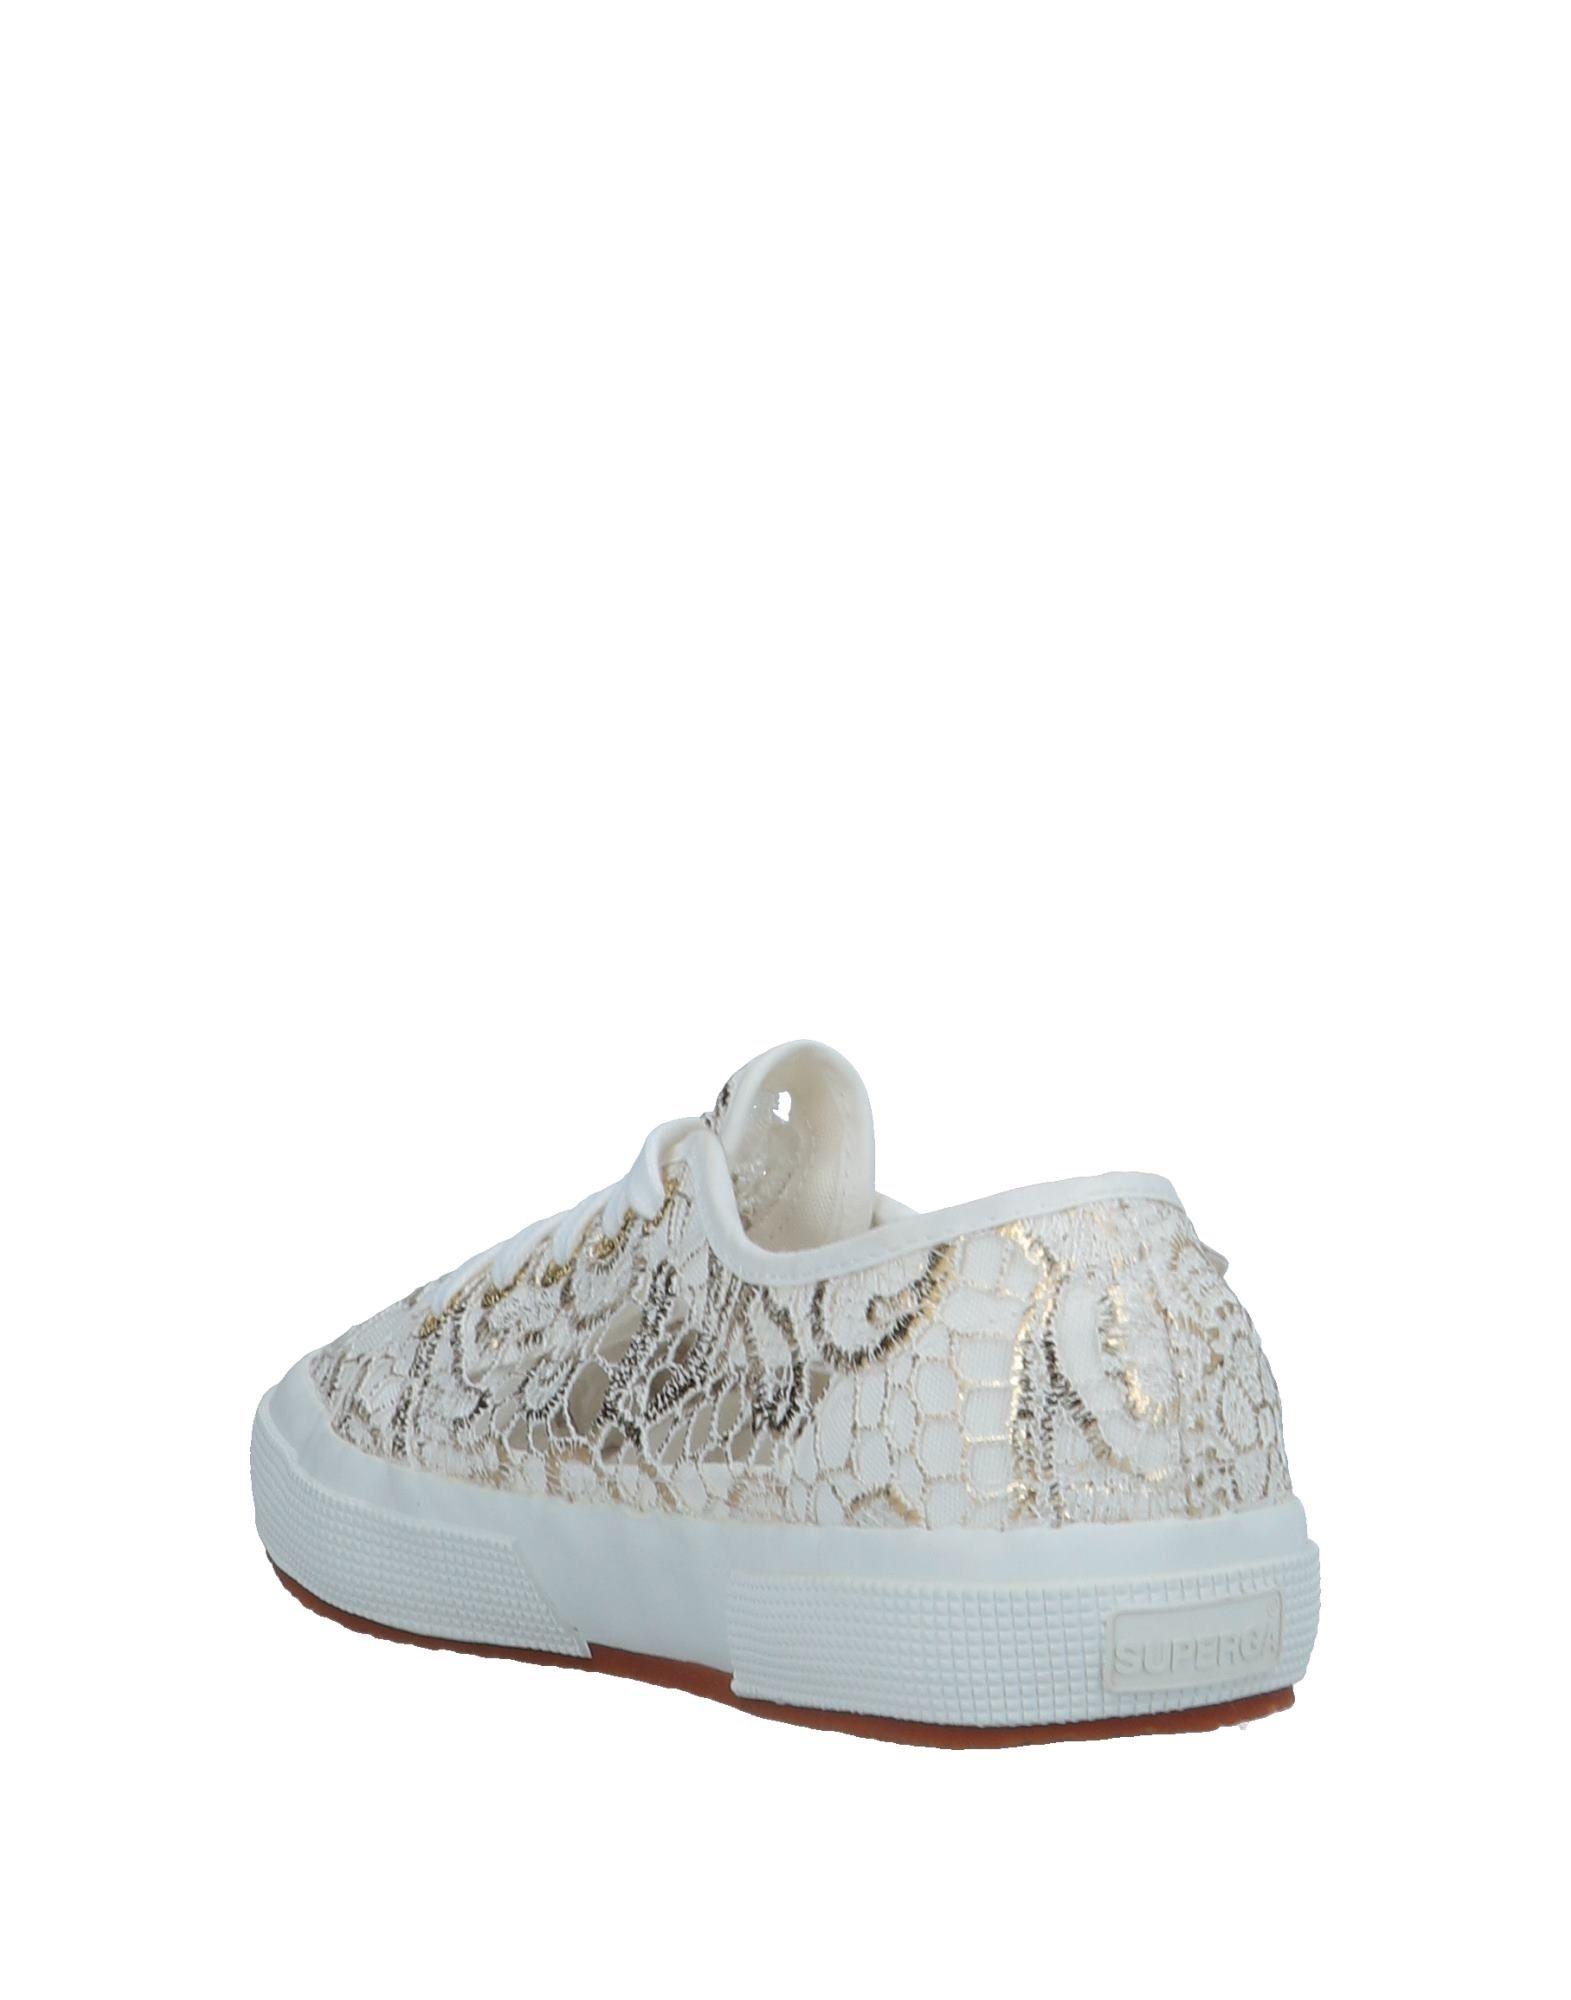 Superga® Sneakers Damen beliebte  11571256SA Gute Qualität beliebte Damen Schuhe fb8d54